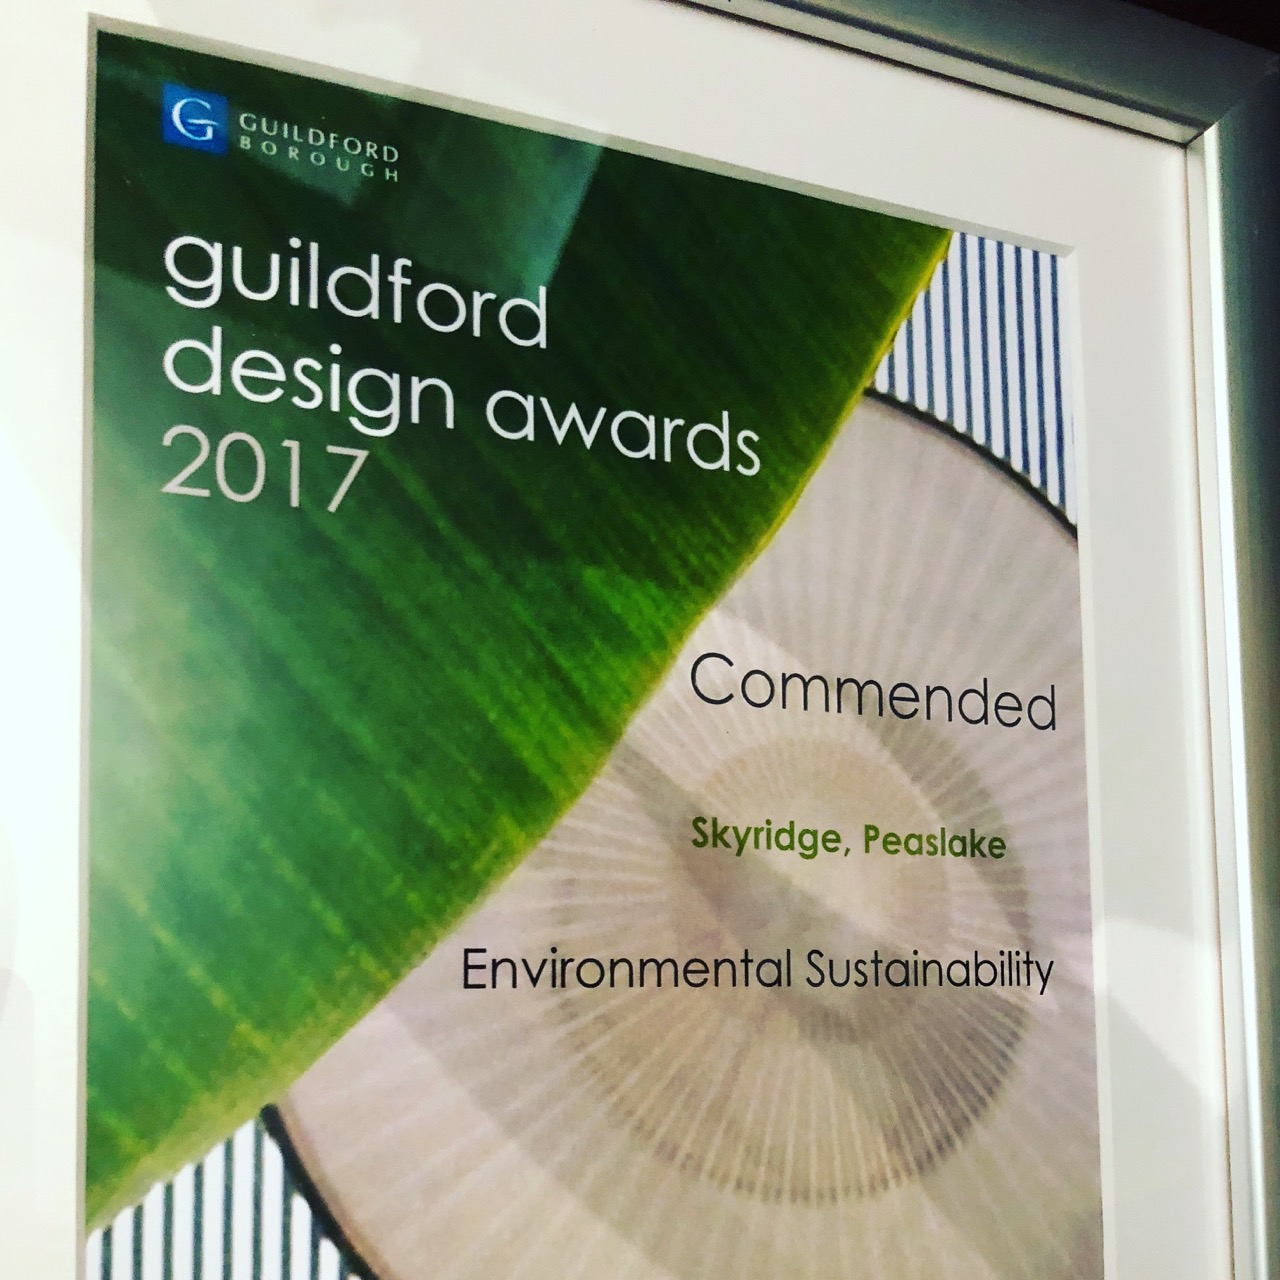 Guildford-Design-Awards.jpg